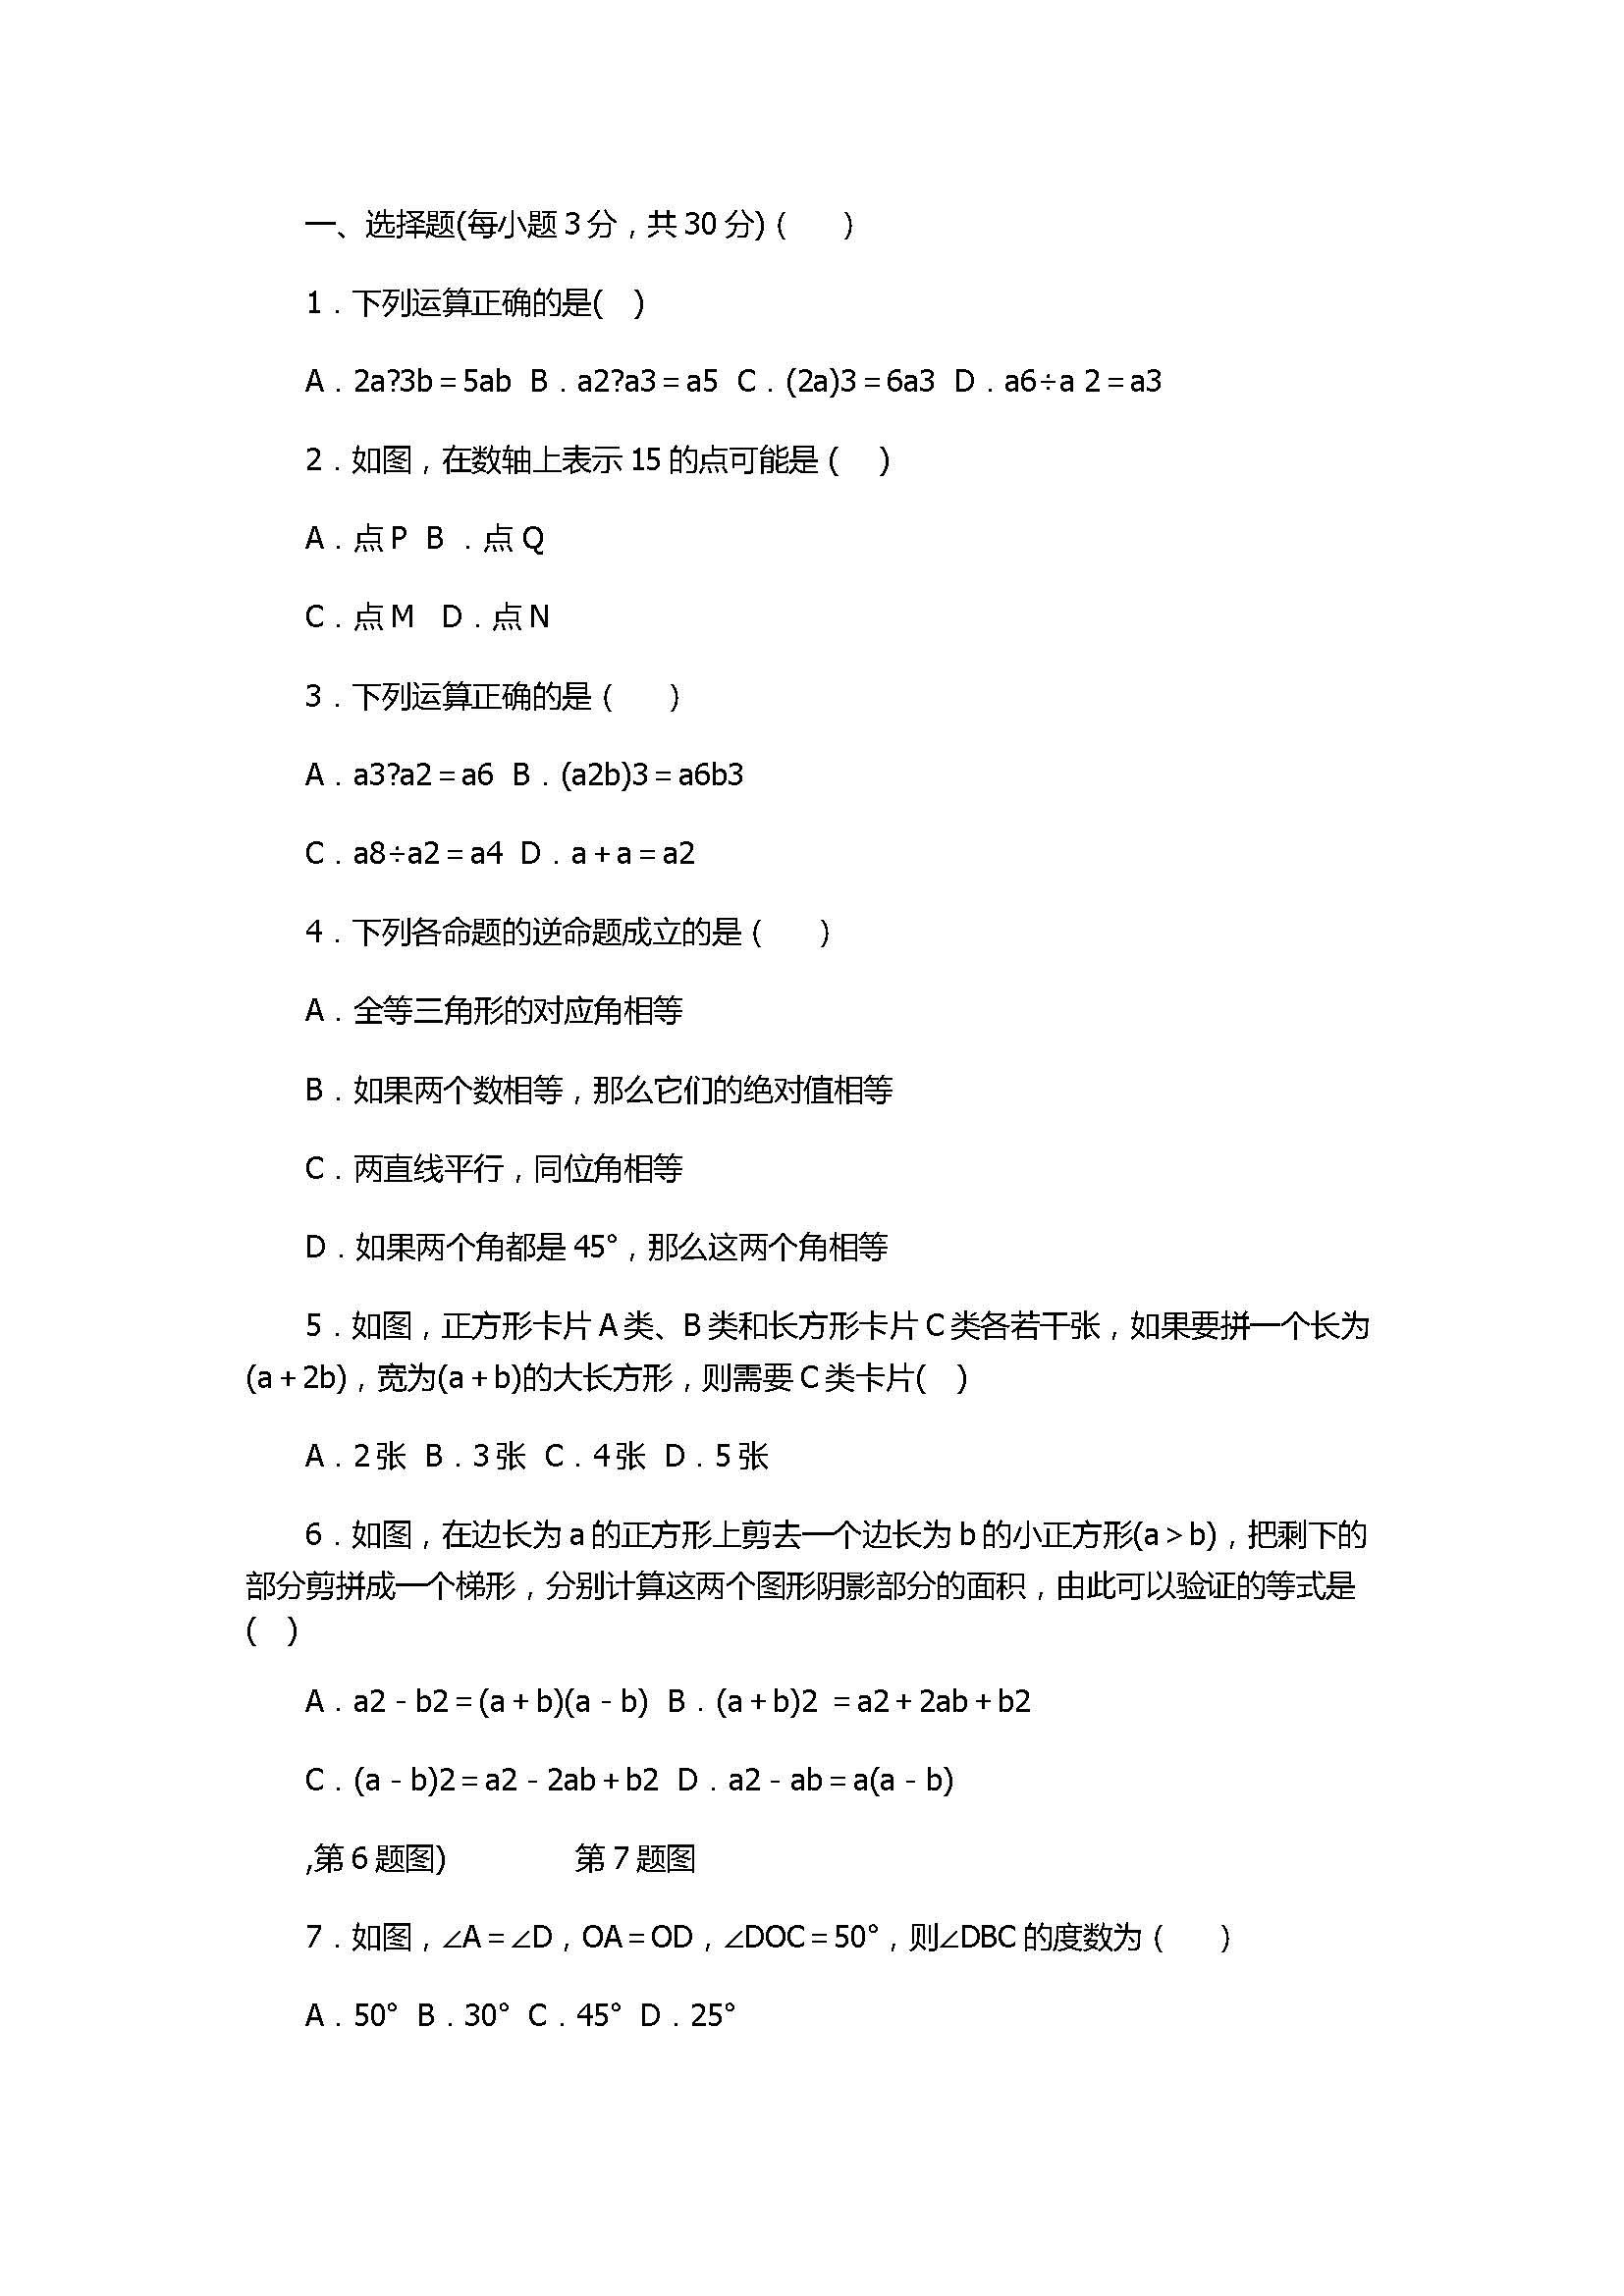 2017八年级数学期中达标检测试卷附参考答案(华东师大版)